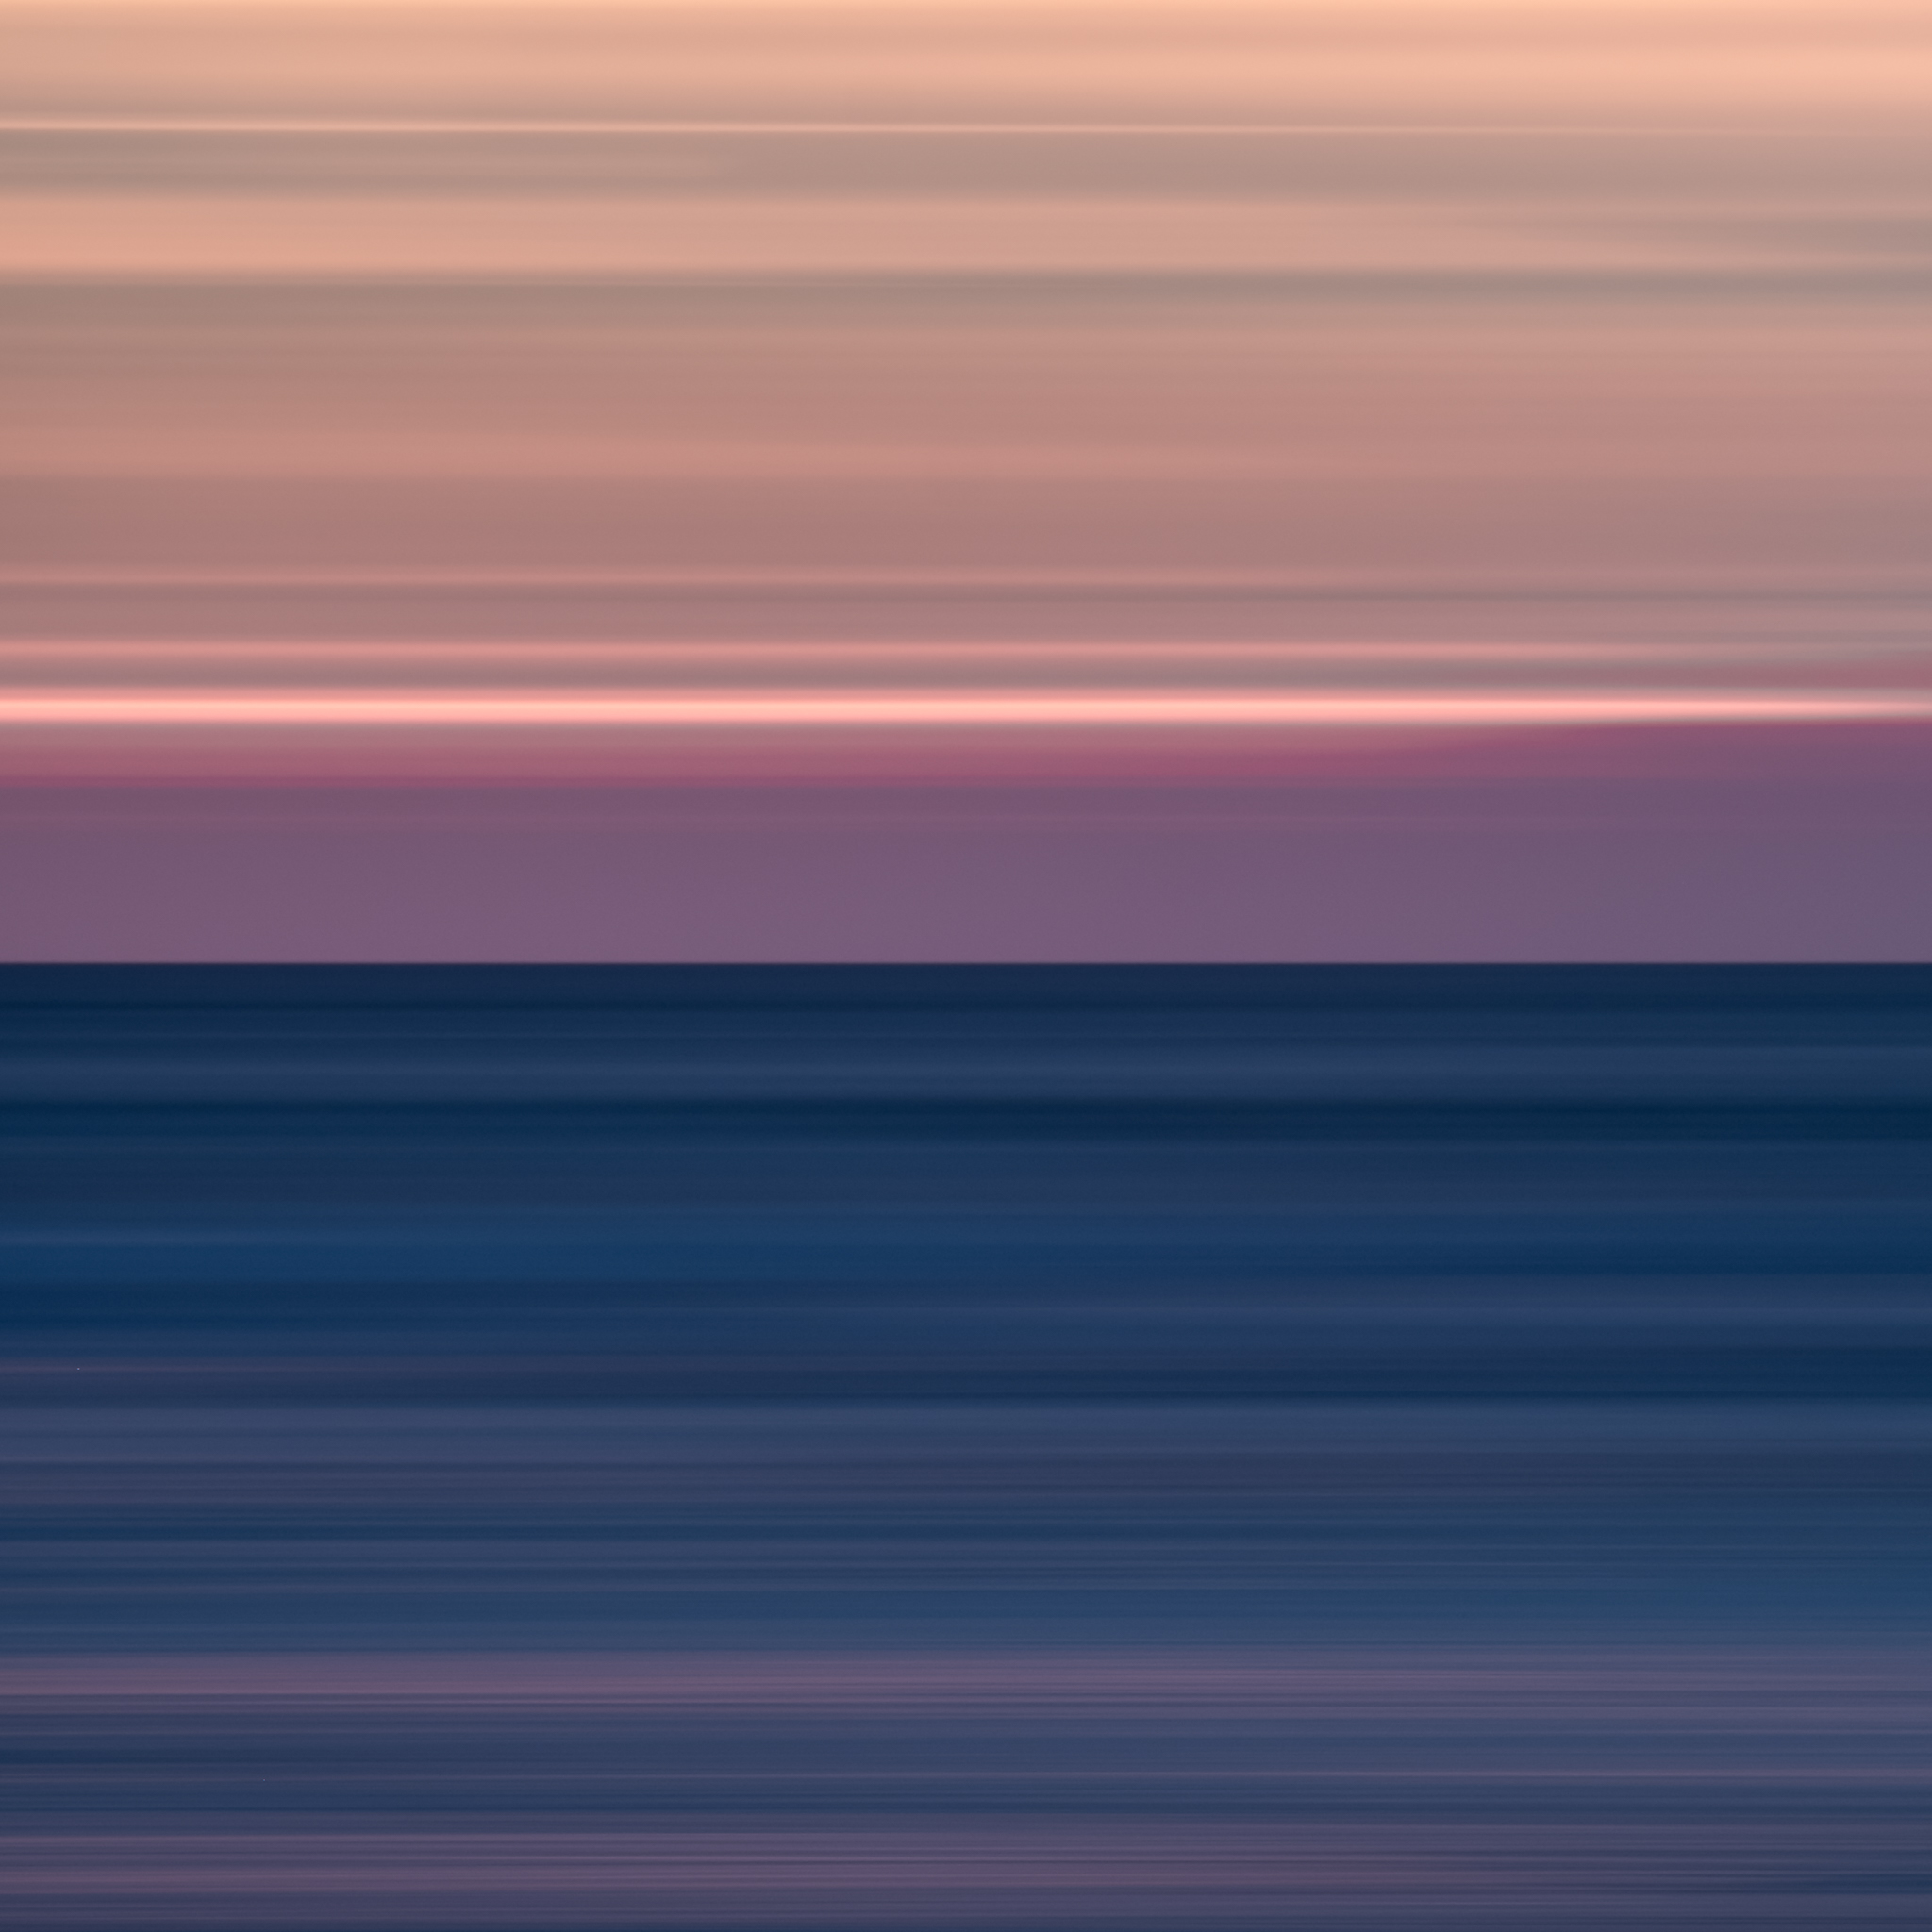 North Sea, Schoorl II, 2017